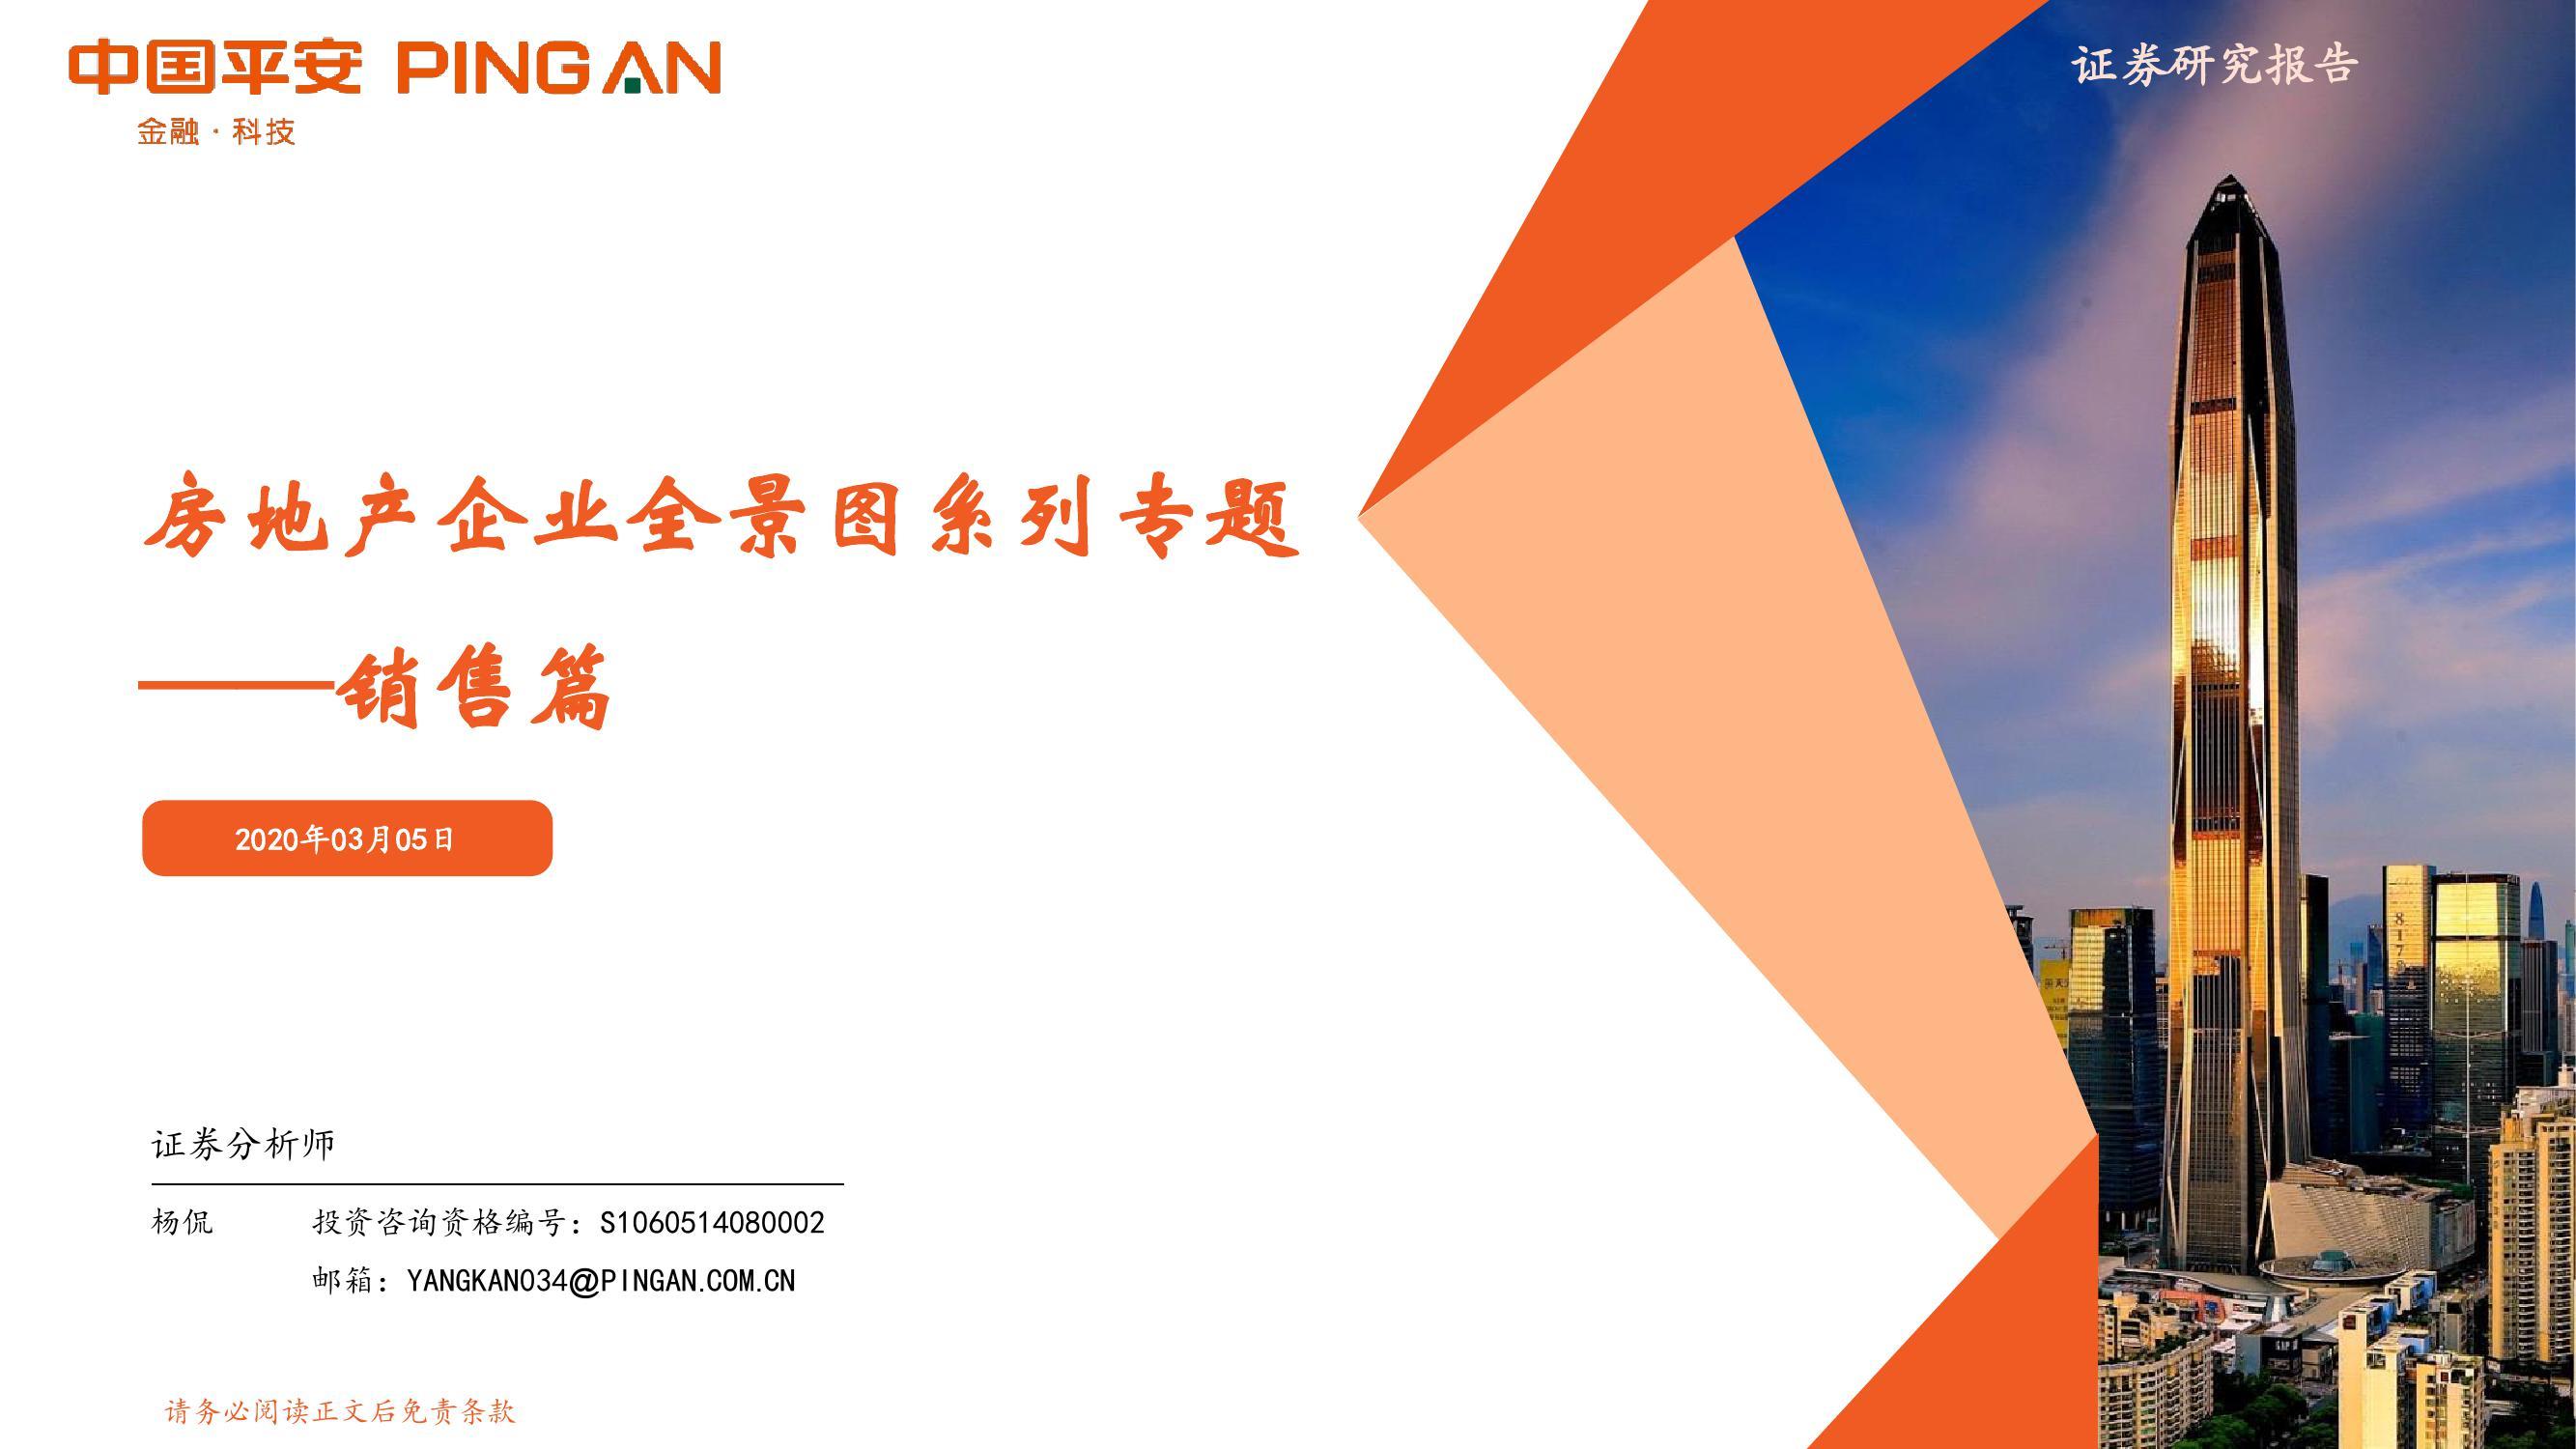 平安证券:房地产行业企业全景图系列专题 — 销售篇